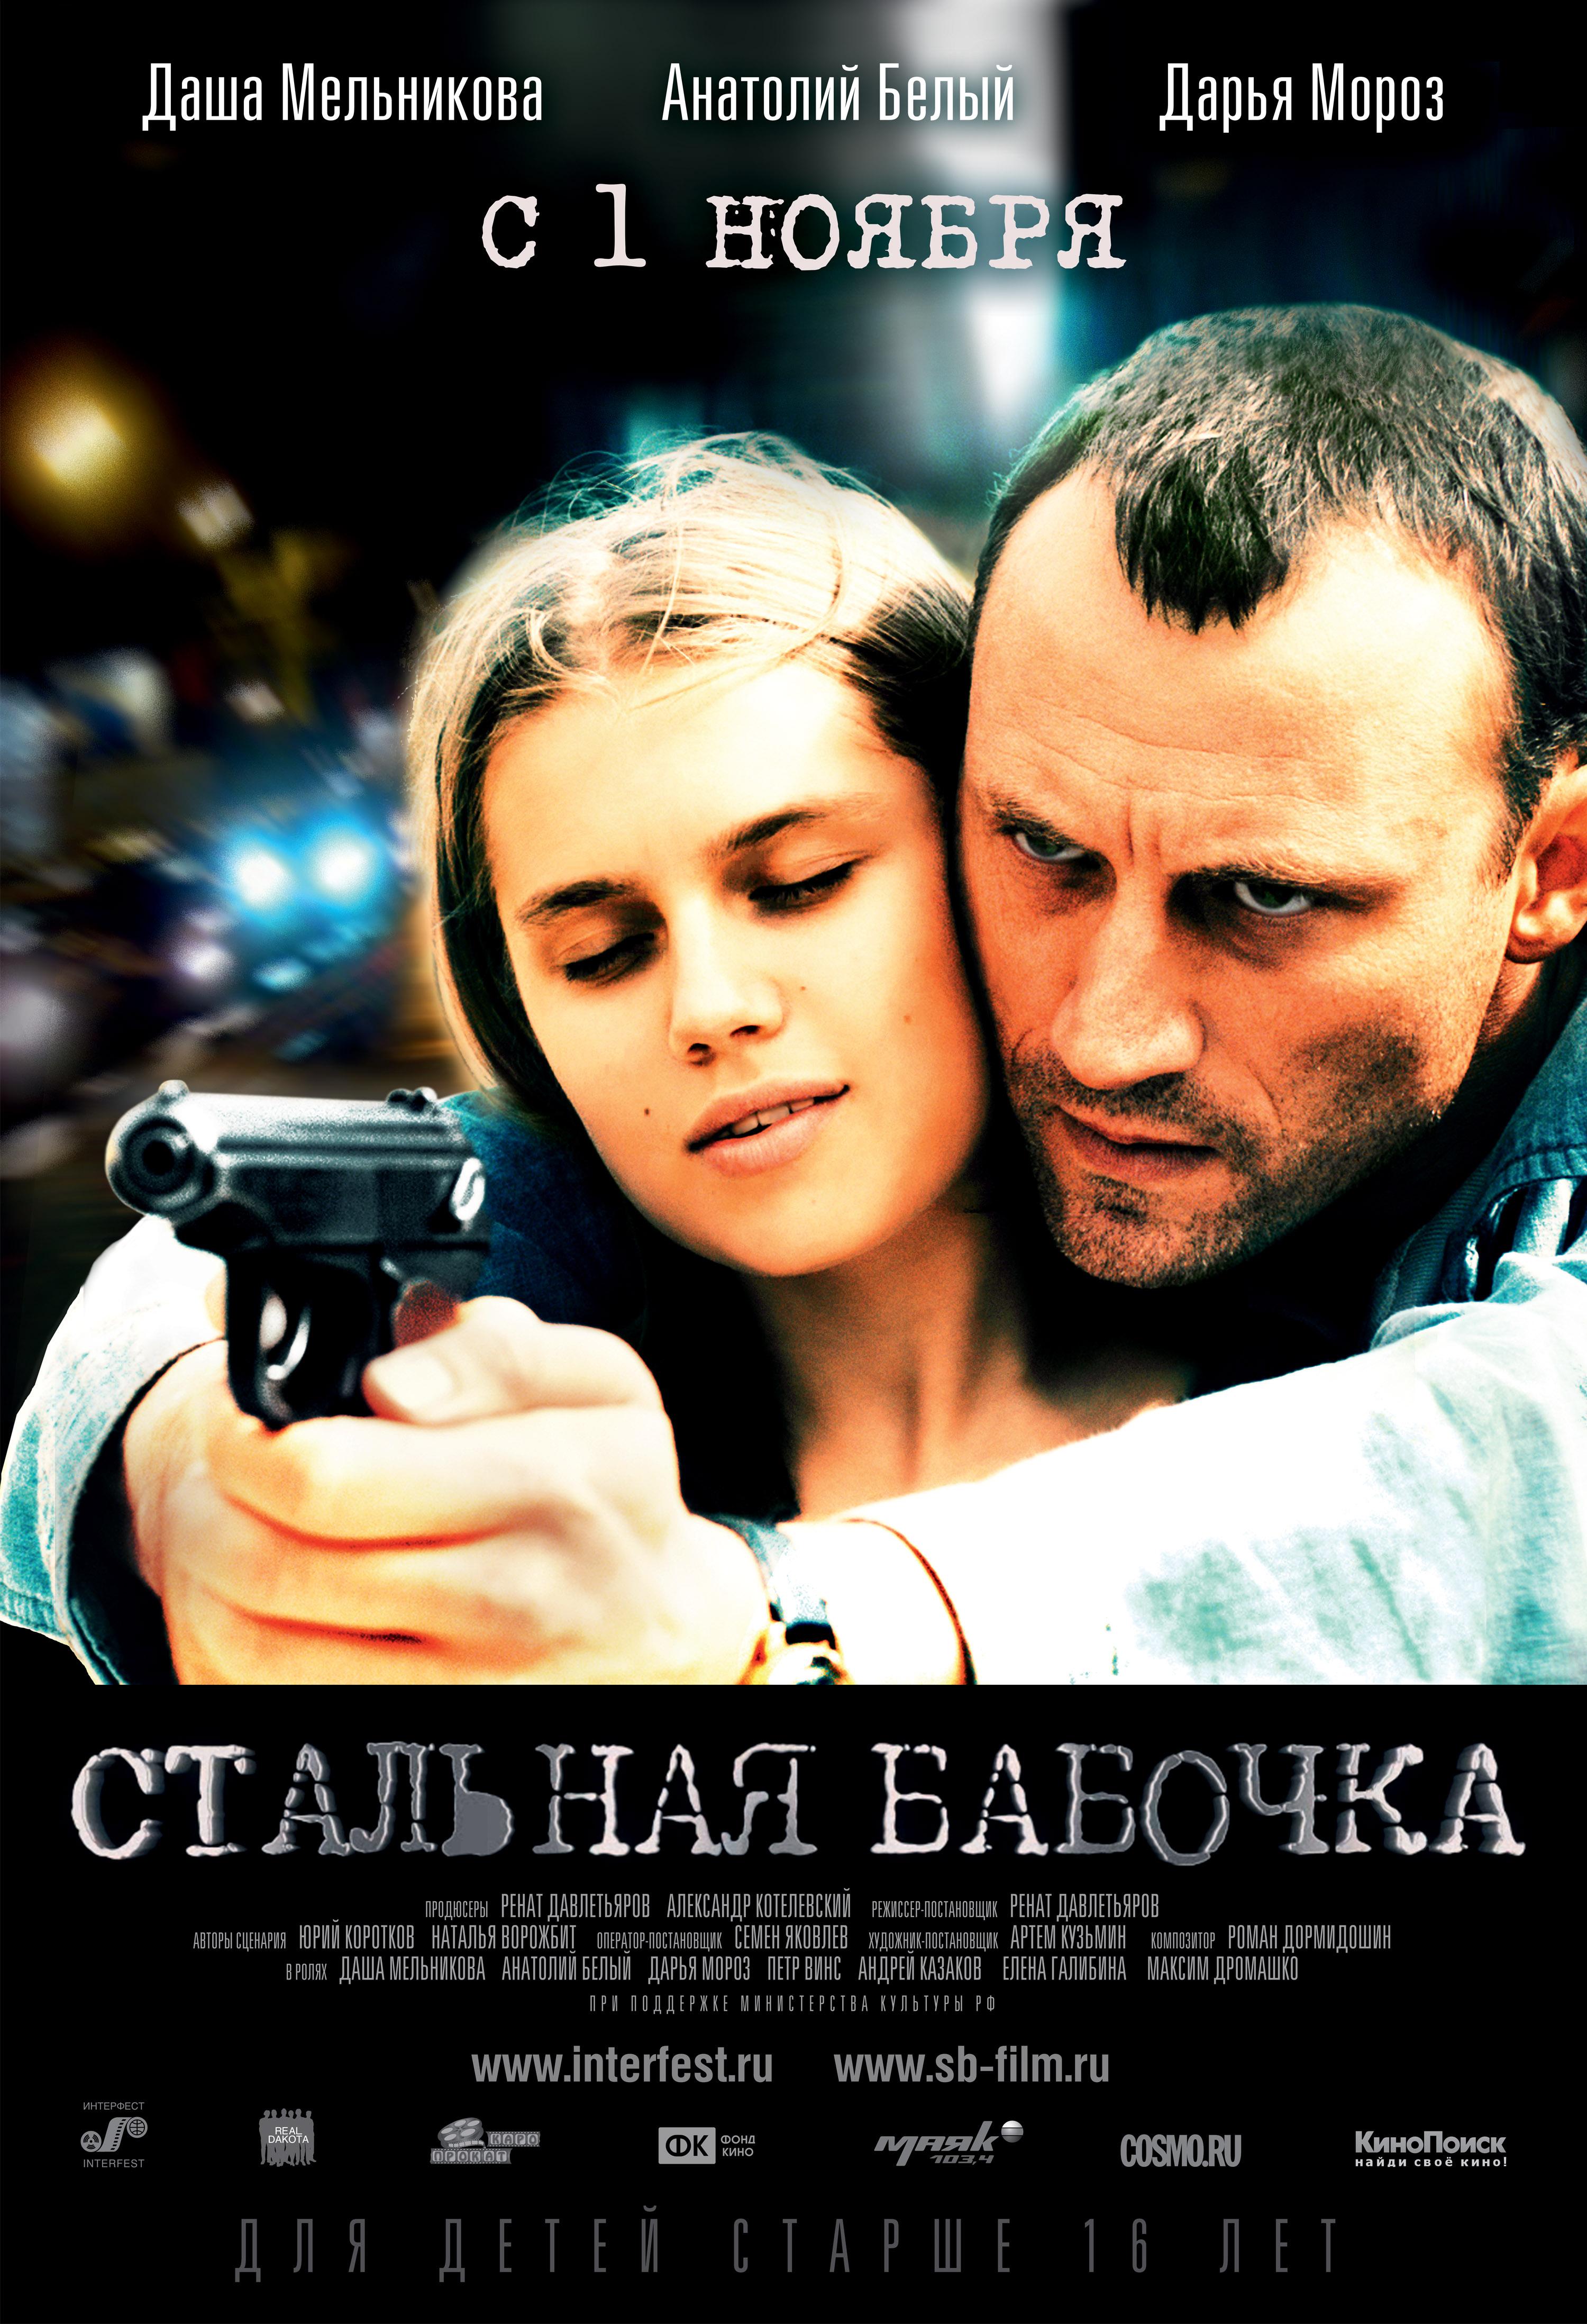 Русские филми смотреть бесплатно 6 фотография